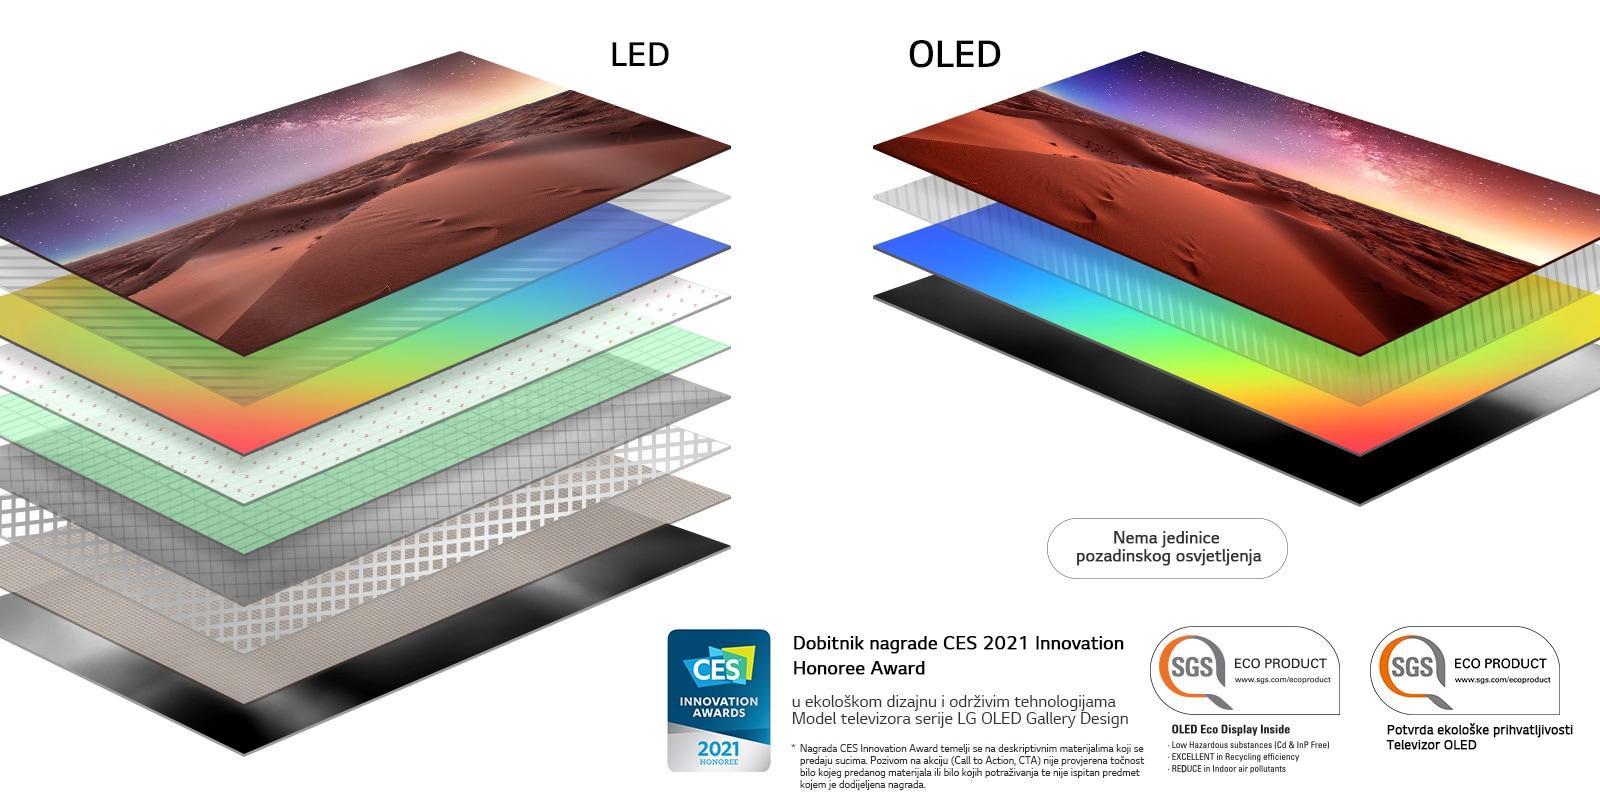 Primerjava sestave zaslona zaslona televizorja z LED osvetlitvijo in samoosvetljenega televizorja OLED (predvajanje videoposnetka)